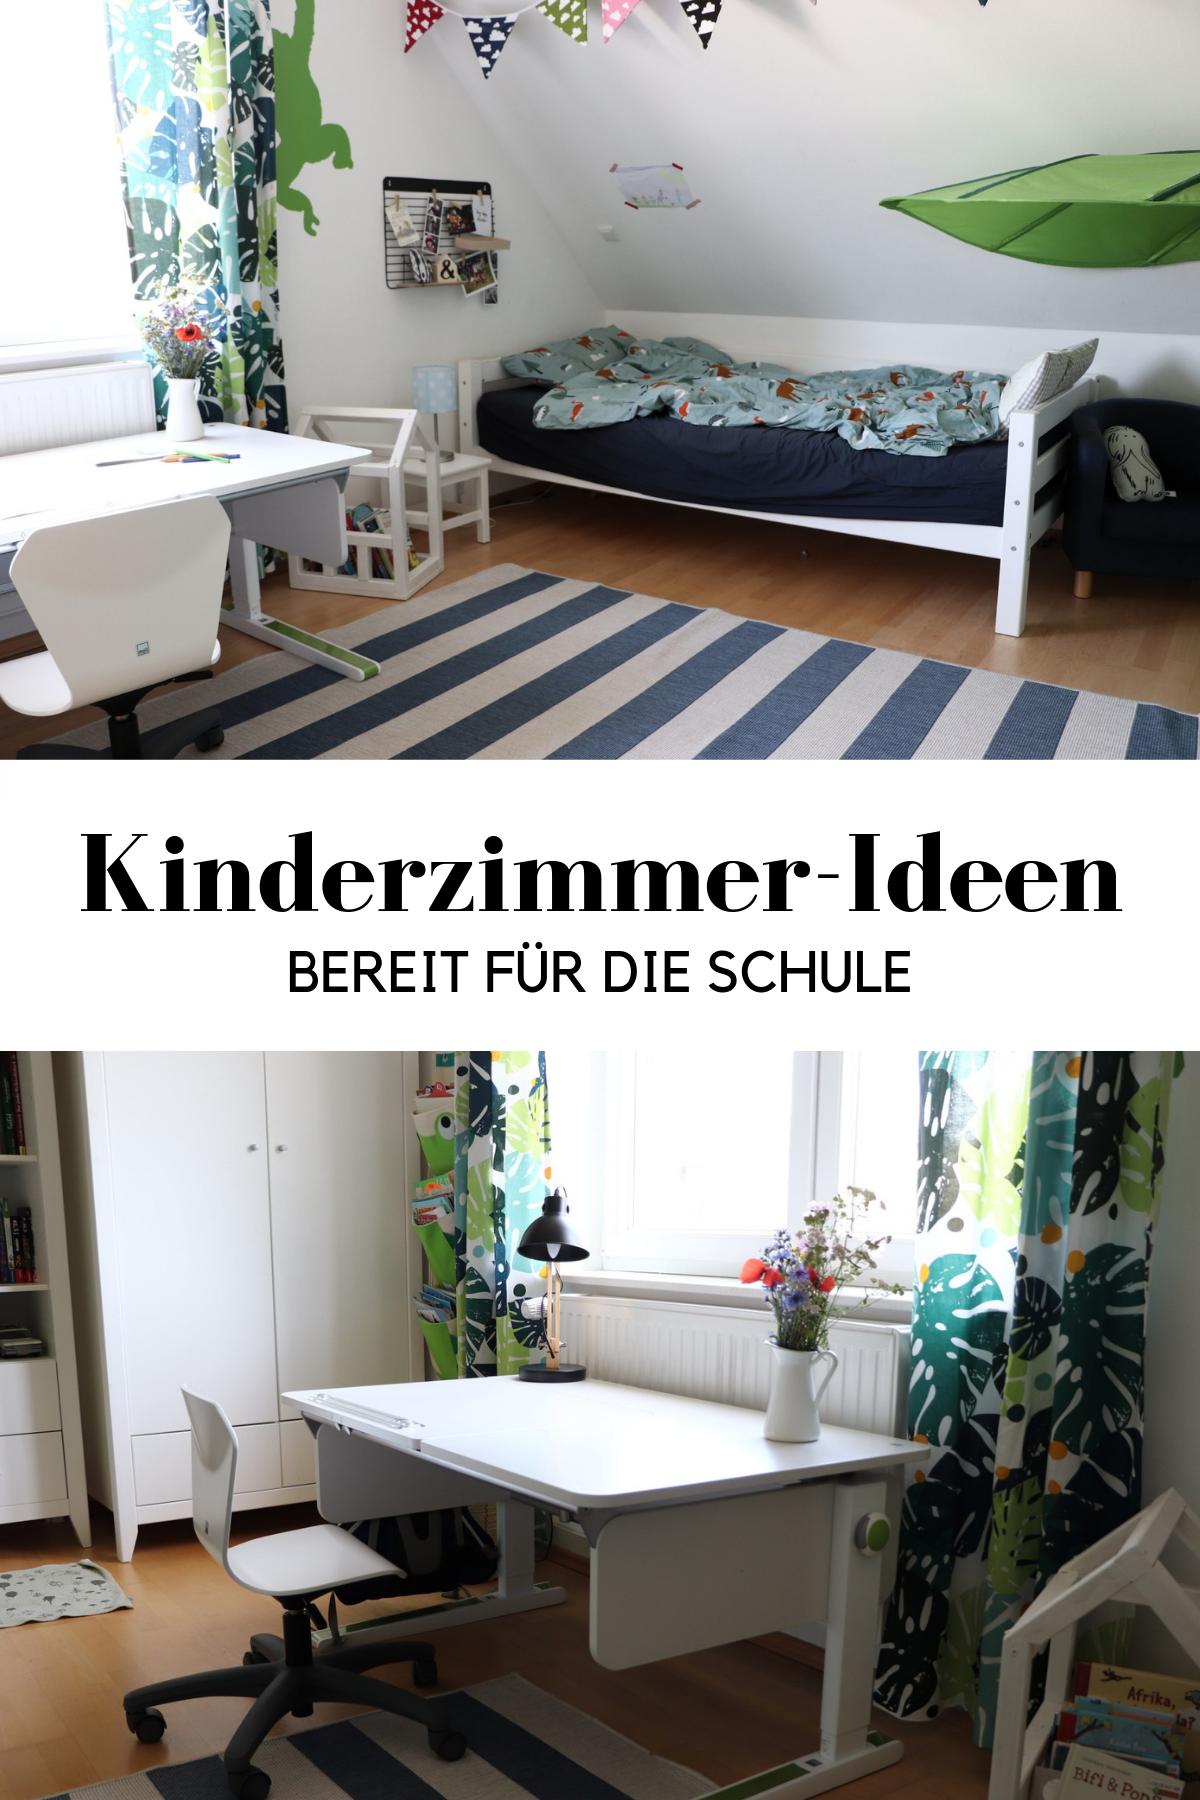 KinderzimmerUmgestaltung Vom Kindergartenkind zum